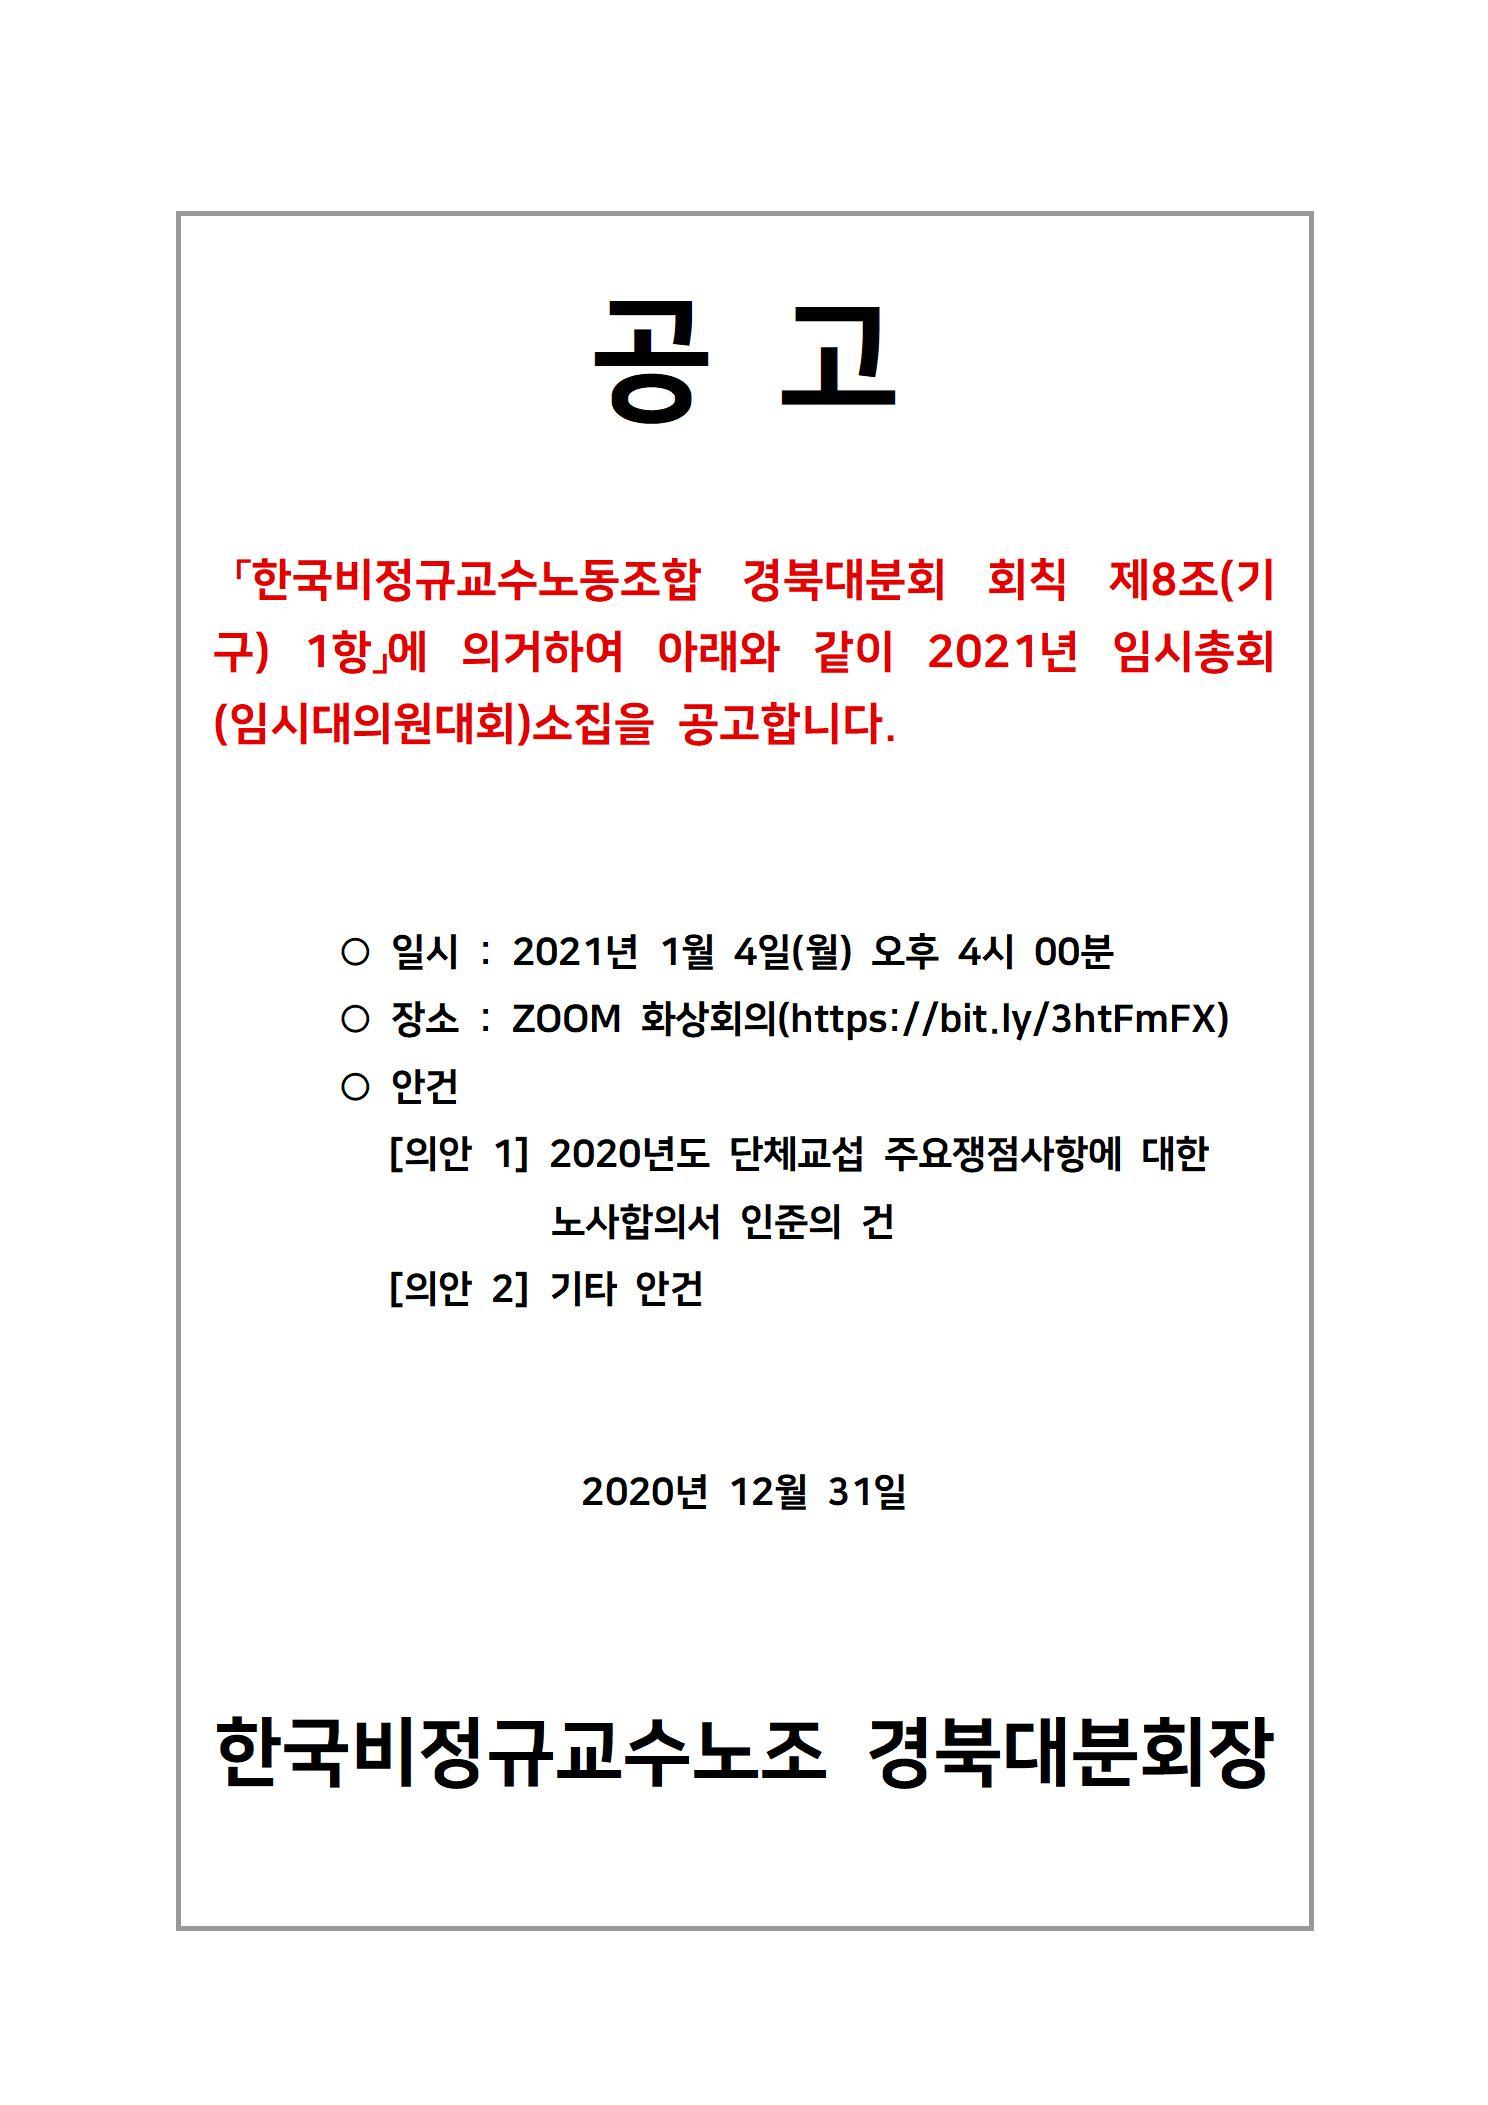 2021년 1차 임시총회 공고(수정)001.jpg